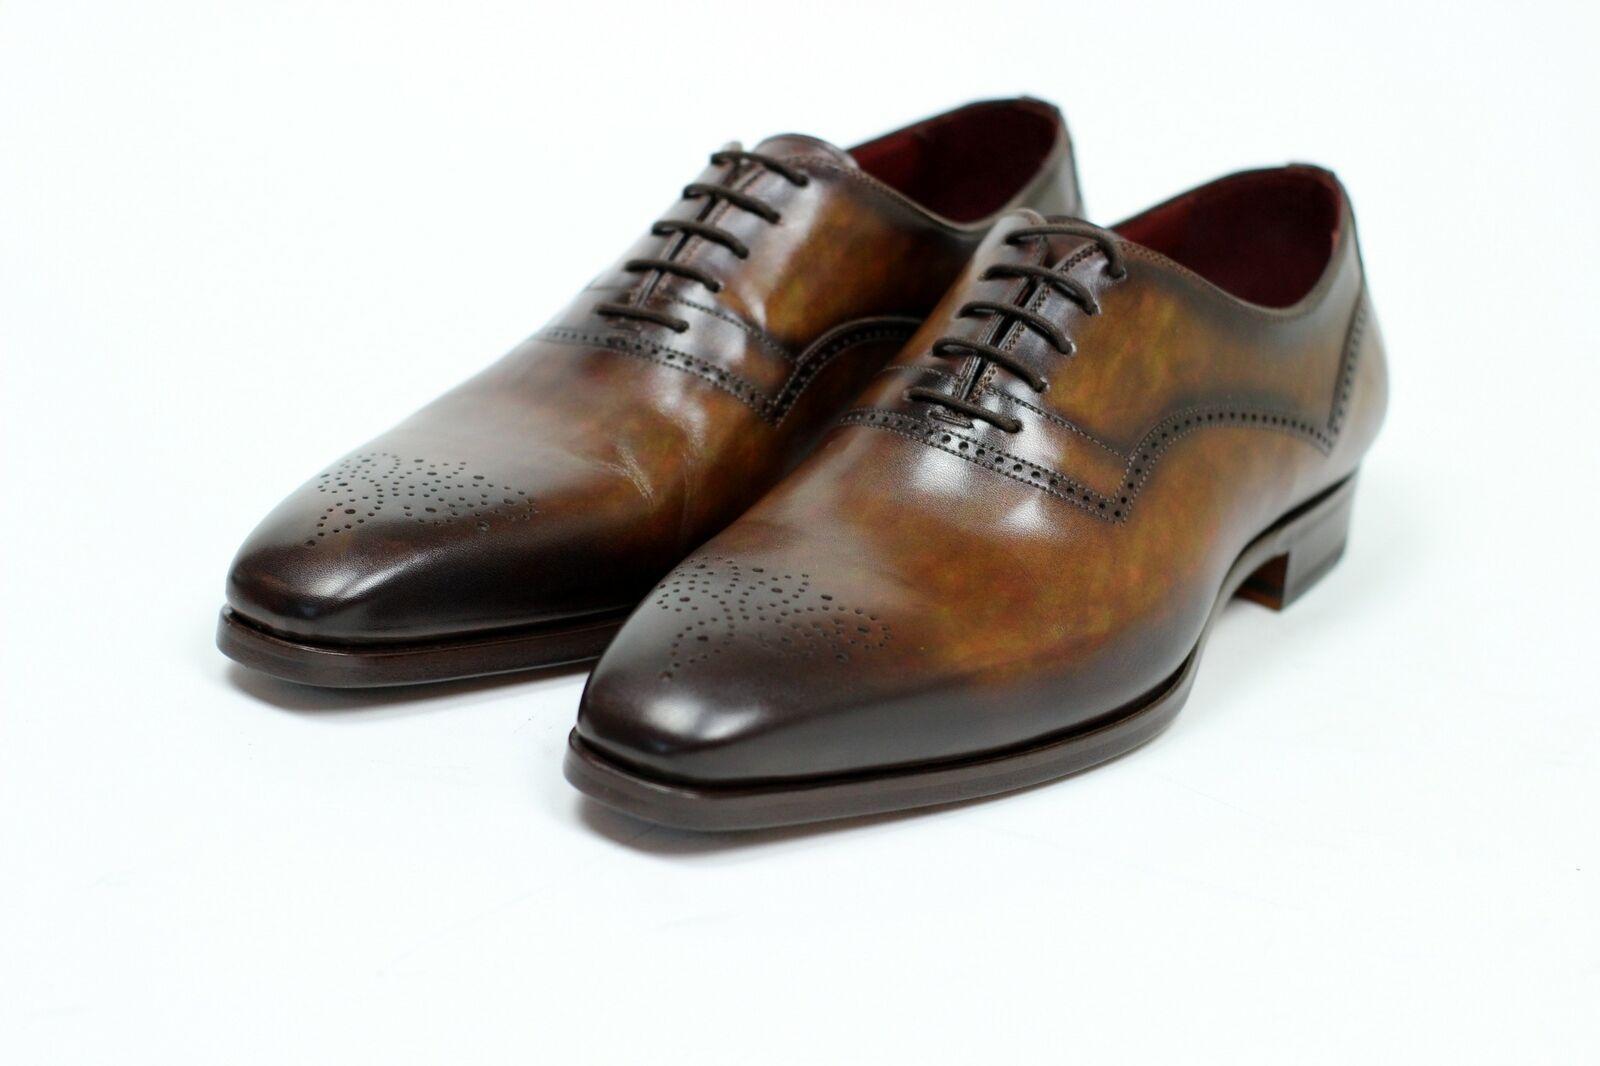 BRAND NEW - Magnanni marrón Whole Cut Cut Cut Zapatos de vestir -10.5D -MSRP  545  Mercancía de alta calidad y servicio conveniente y honesto.